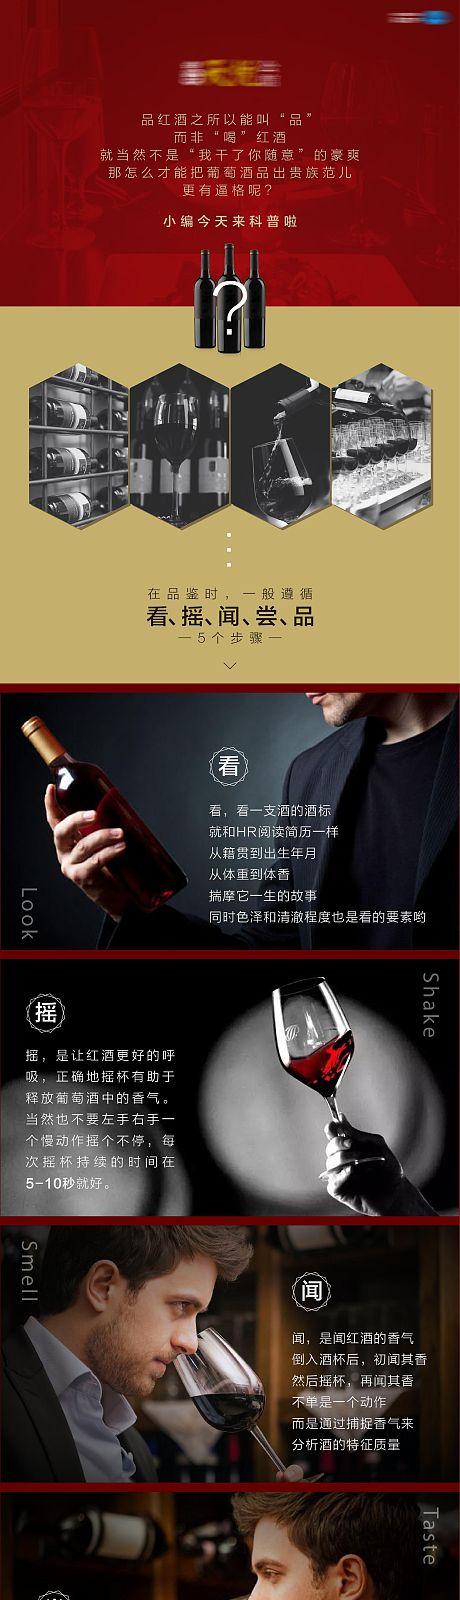 红酒品鉴长图